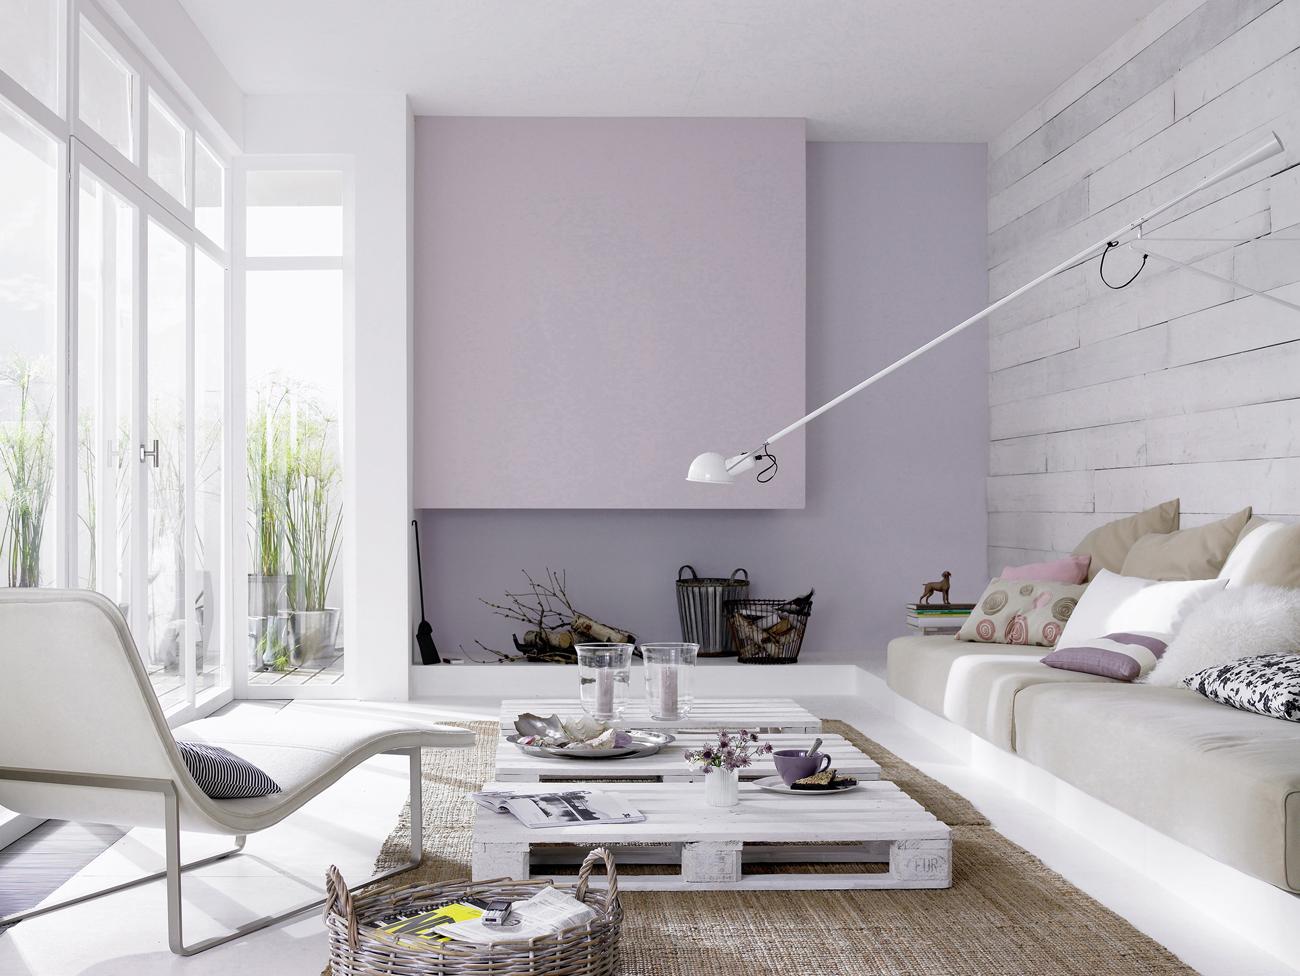 Lampade Sopra Tavolo Da Pranzo 30 idee per l'illuminazione soggiorno - living corriere